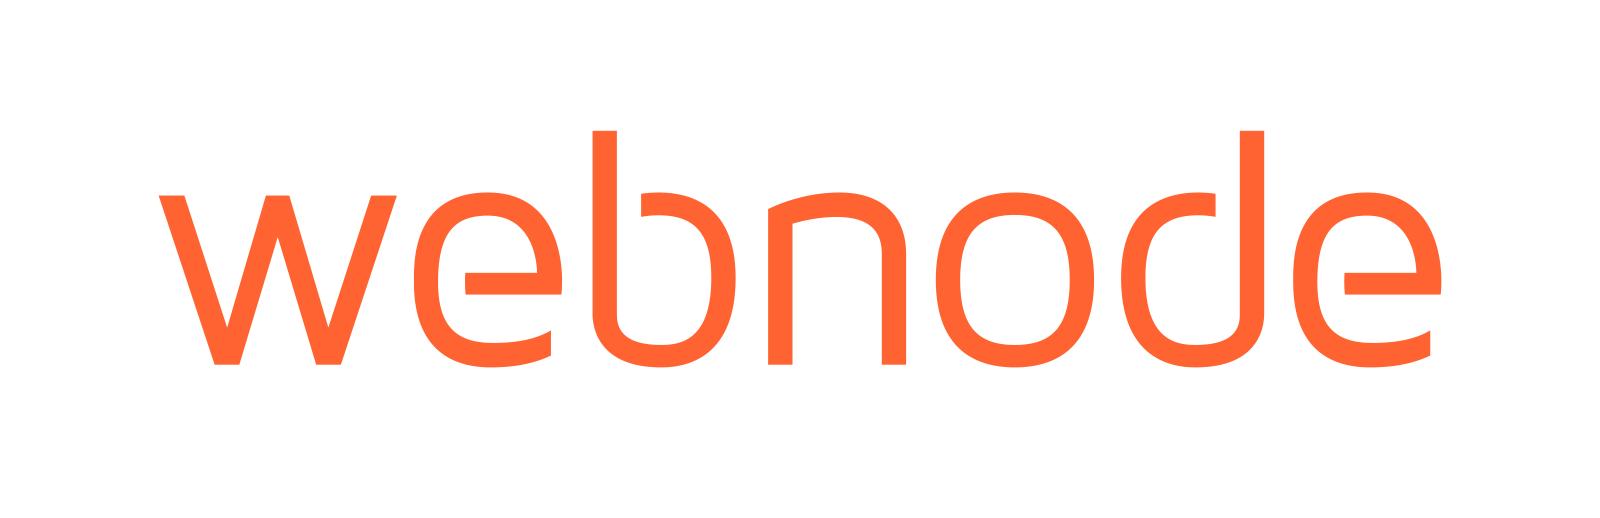 Abbildung des Webnode Logos